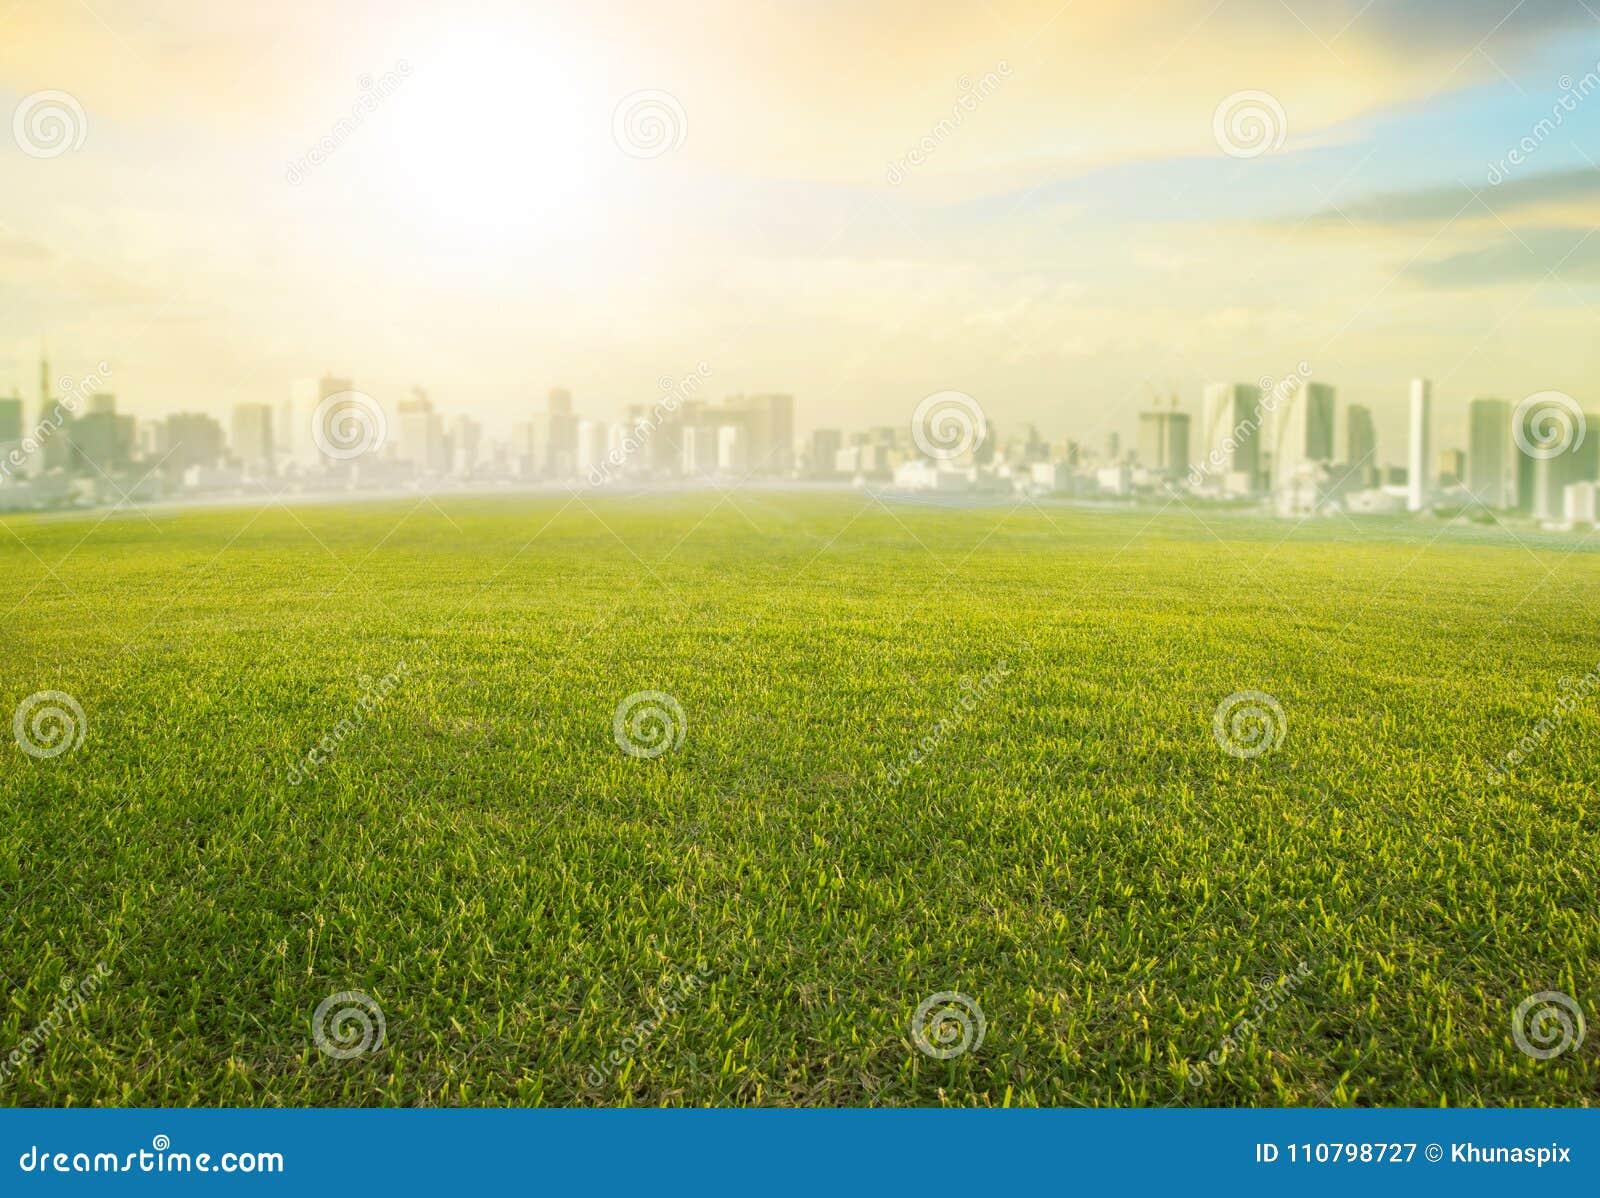 Τομέας χλόης εδάφους scape ευρέως πράσινος και σύγχρονη οικοδόμηση του αστικού s